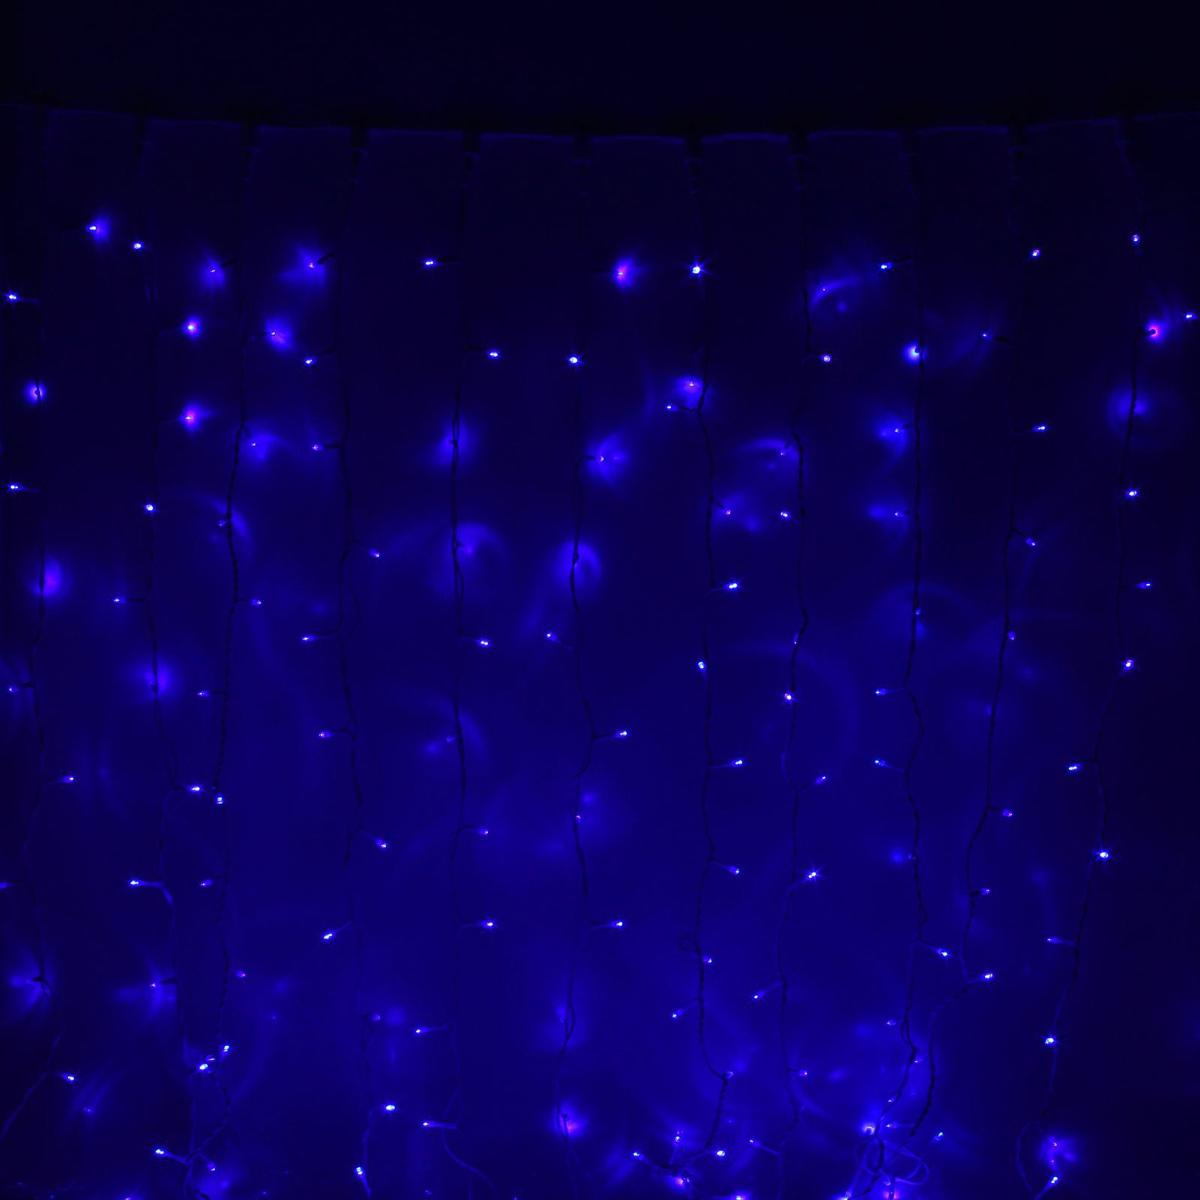 Гирлянда светодиодная Luazon Занавес, цвет: синий, уличная, 1440 ламп, 220 V, 2 х 6 м. 10802571080257Гирлянда светодиодная Luazon Занавес - это отличный вариант для новогоднего оформления интерьера или фасада. С ее помощью помещение любого размера можно превратить в праздничный зал, а внешние элементы зданий, украшенные гирляндой, мгновенно станут напоминать очертания сказочного дворца. Такое украшение создаст ауру предвкушения чуда. Деревья, фасады, витрины, окна и арки будто специально созданы, чтобы вы украсили их светящимися нитями.